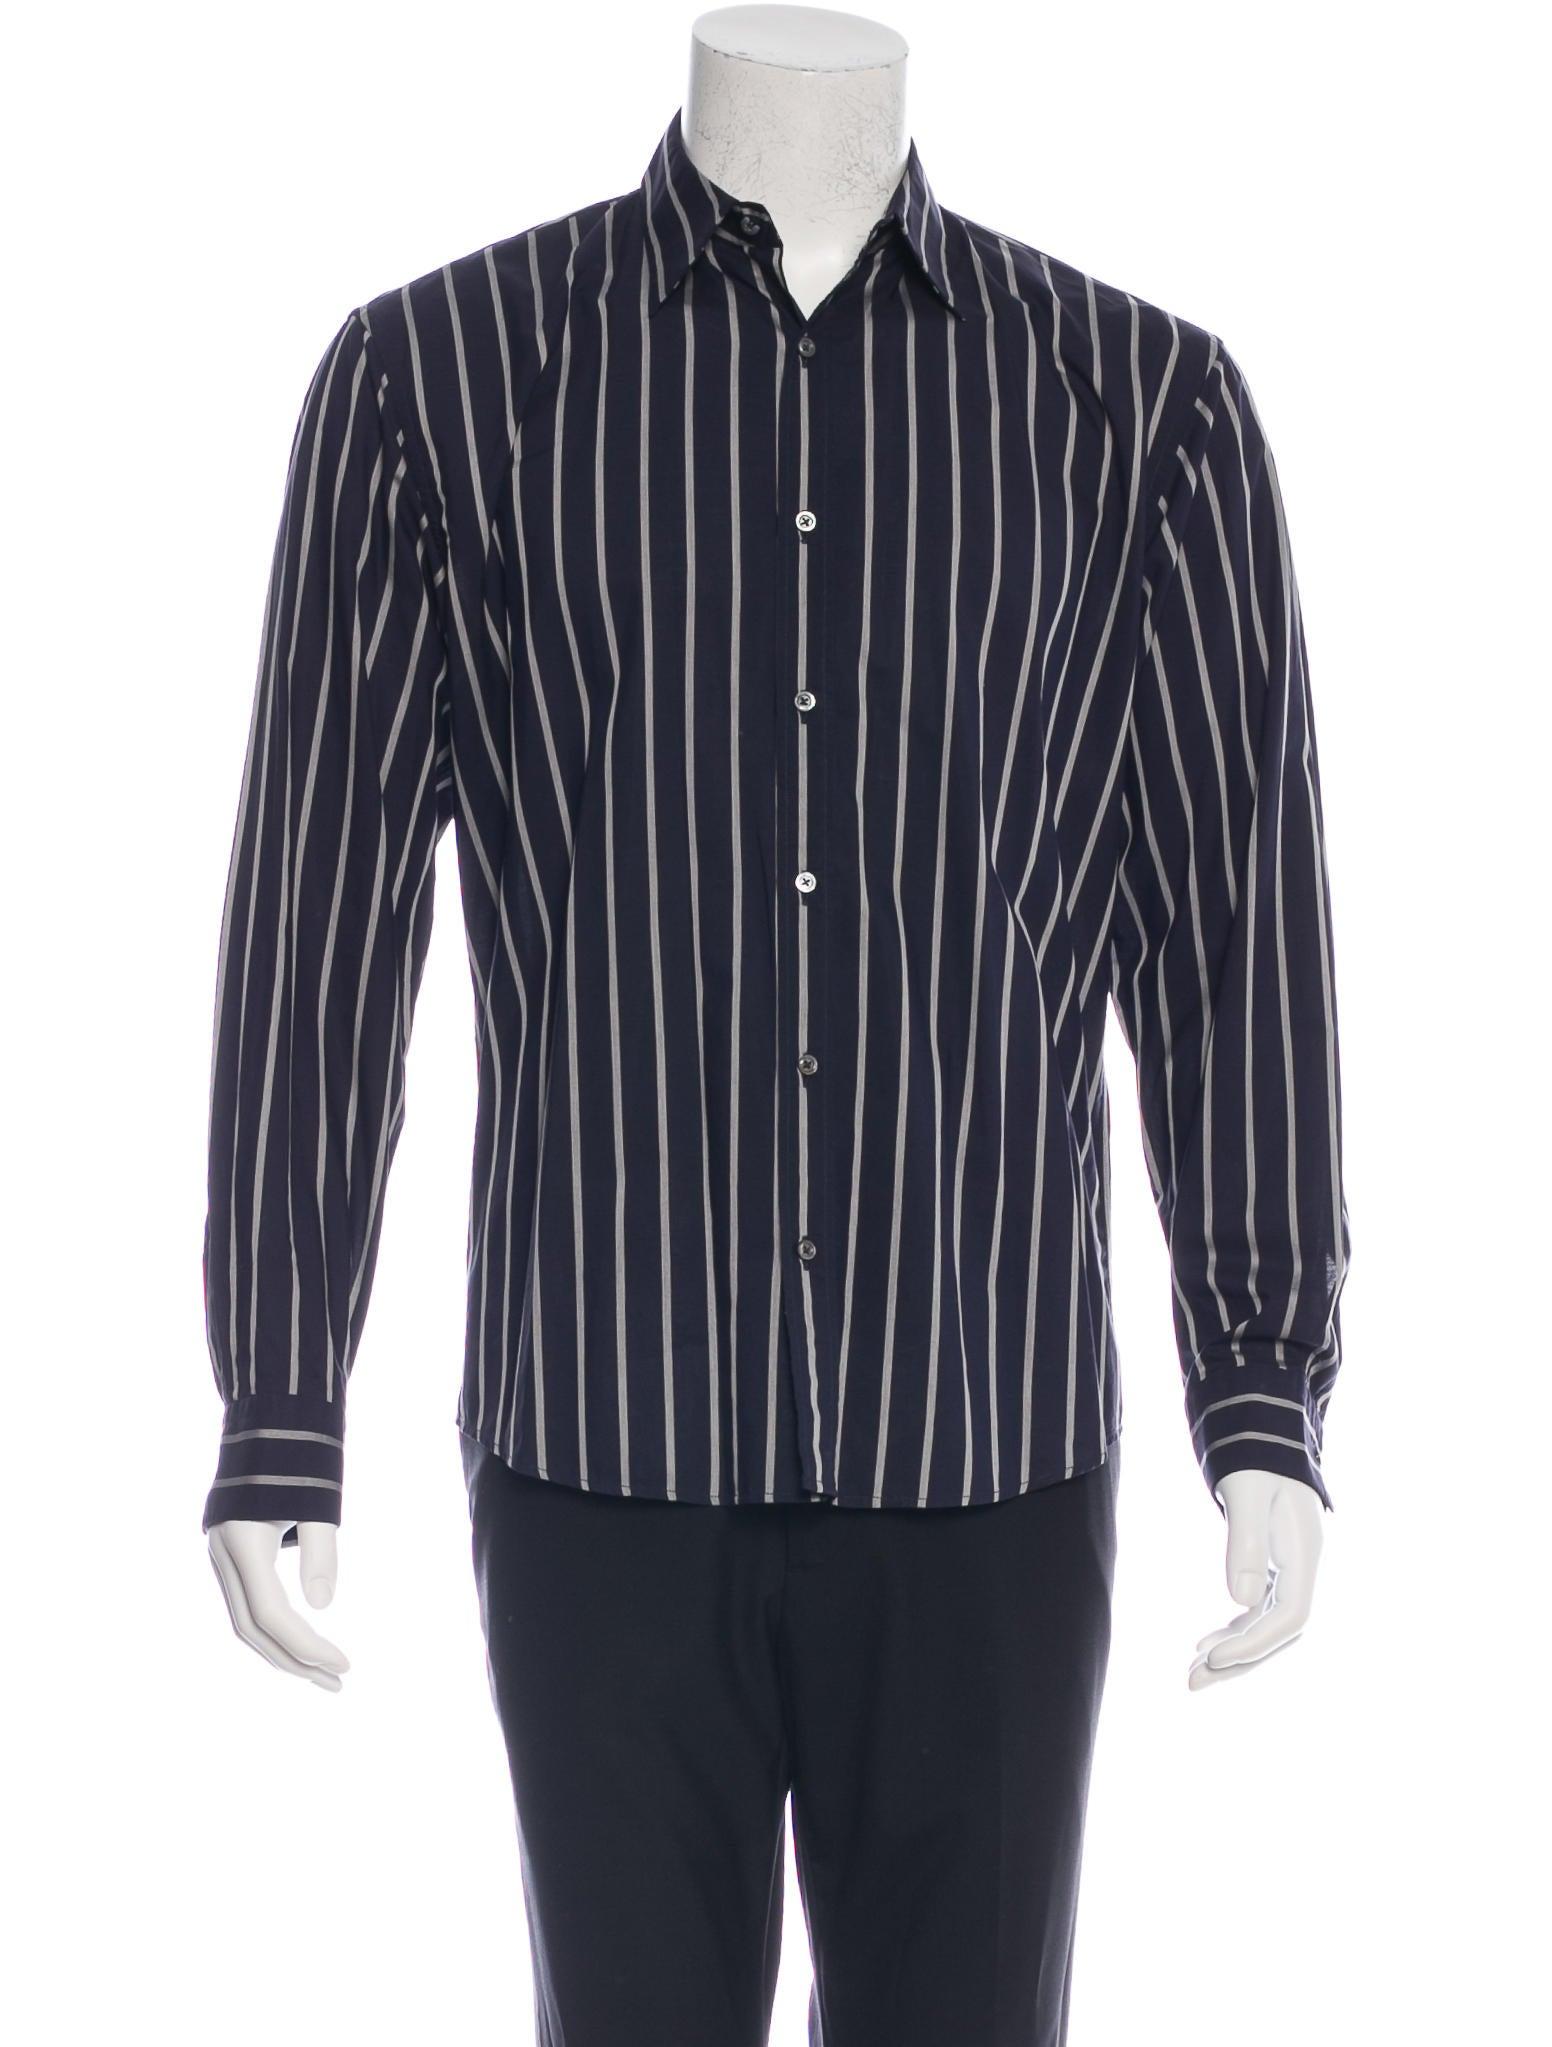 Jil sander striped woven shirt clothing jil32283 the for Jil sander mens shirt